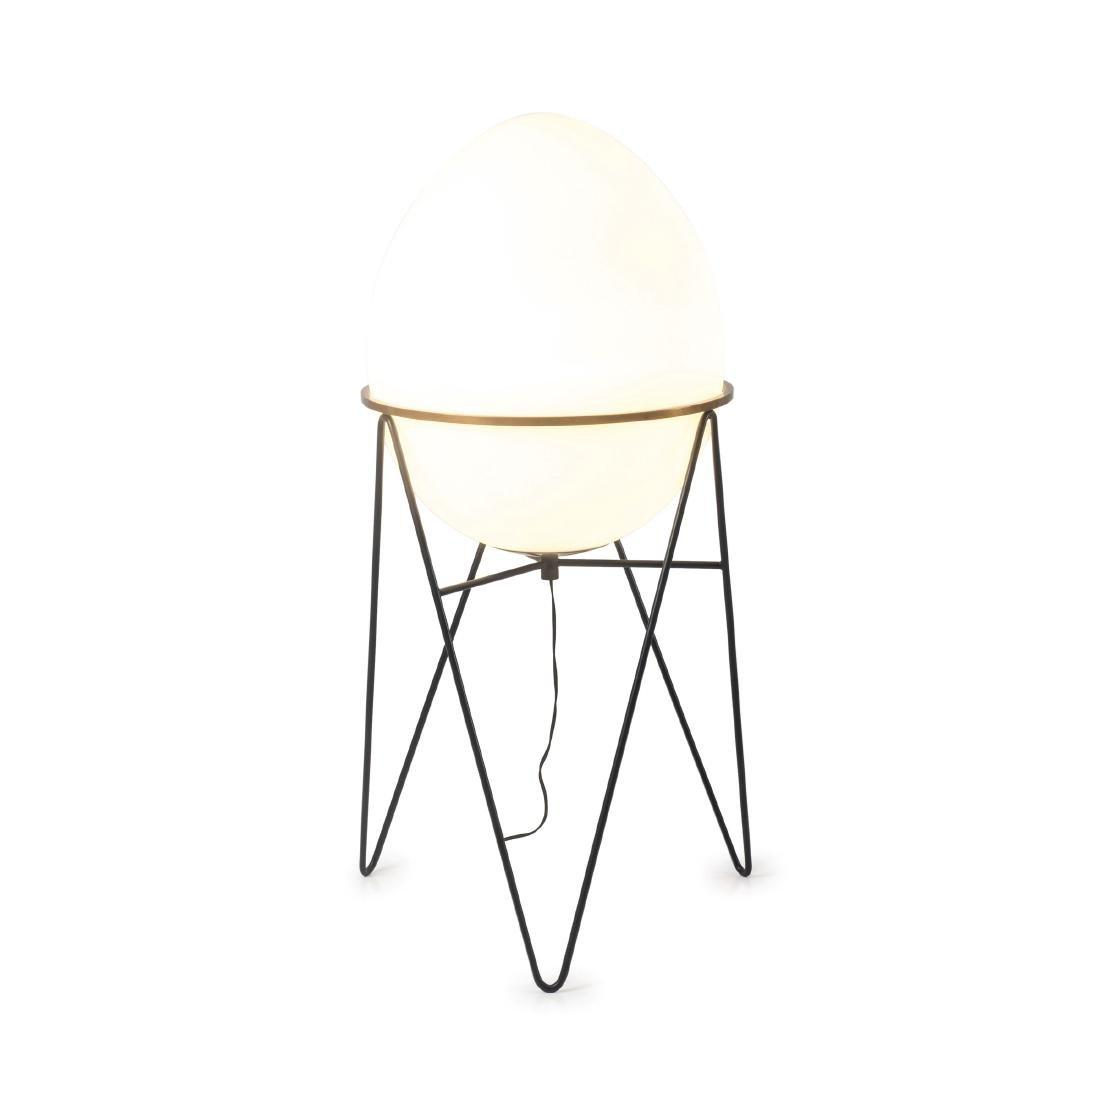 'Egg' floor lamp, c1958